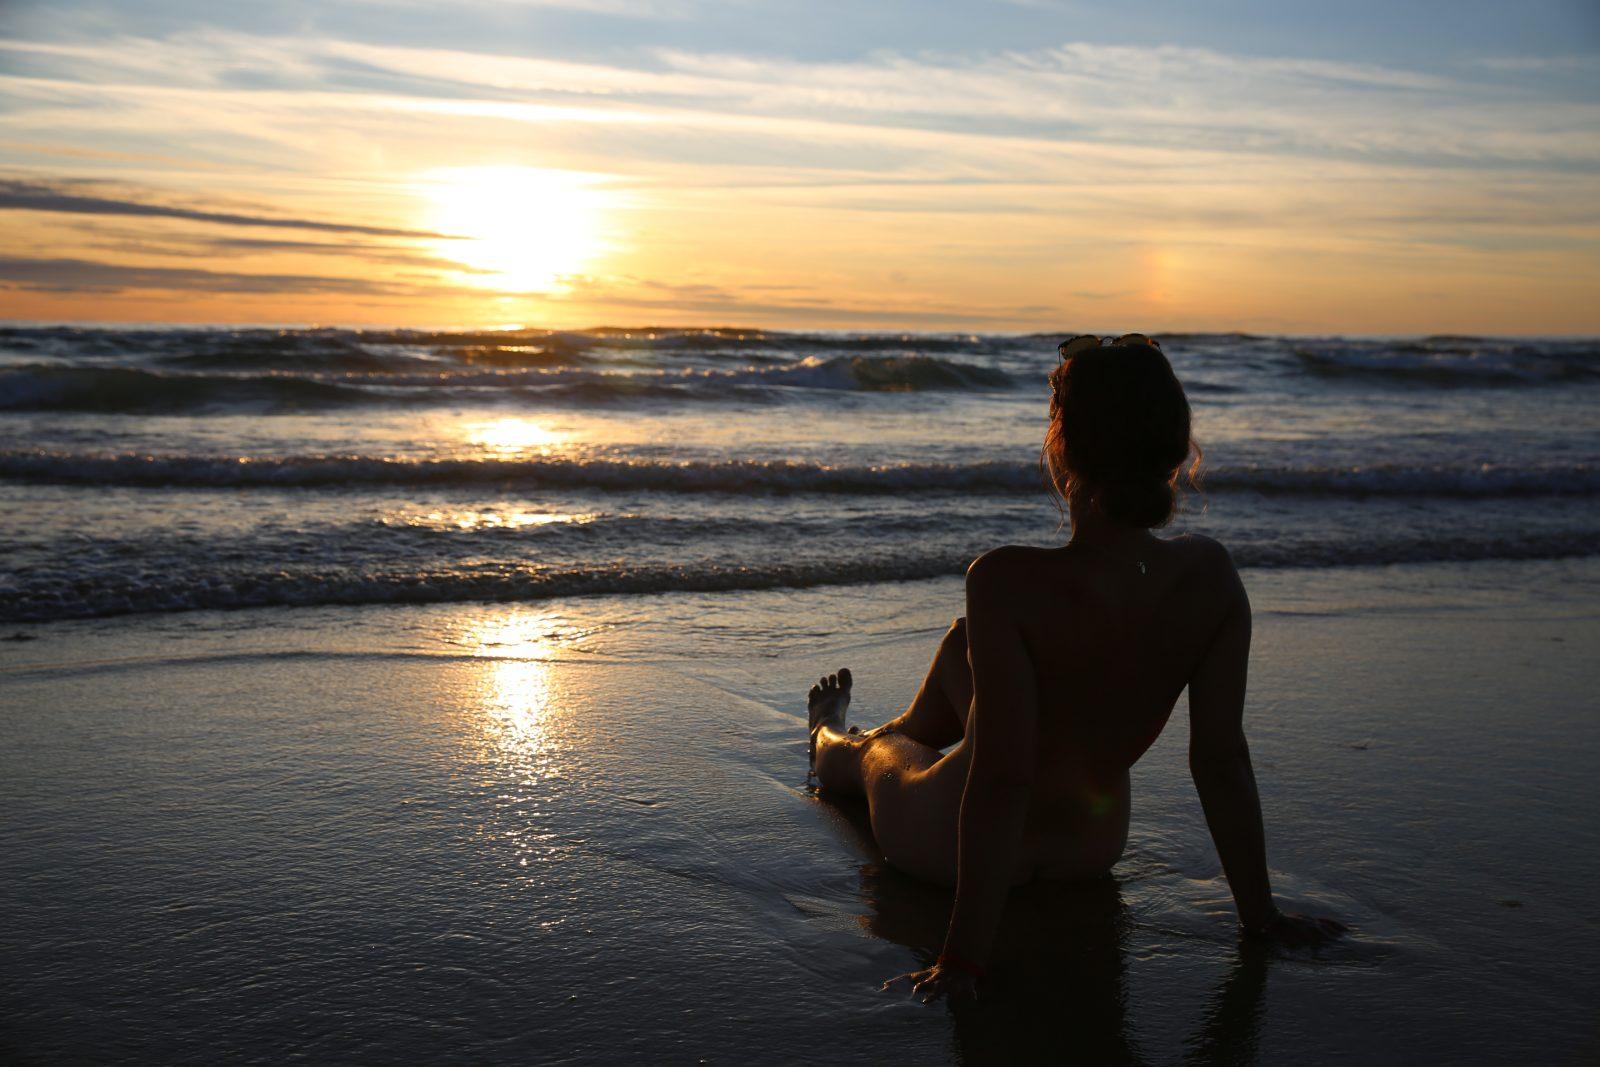 coucher de soleil, côte atlantique